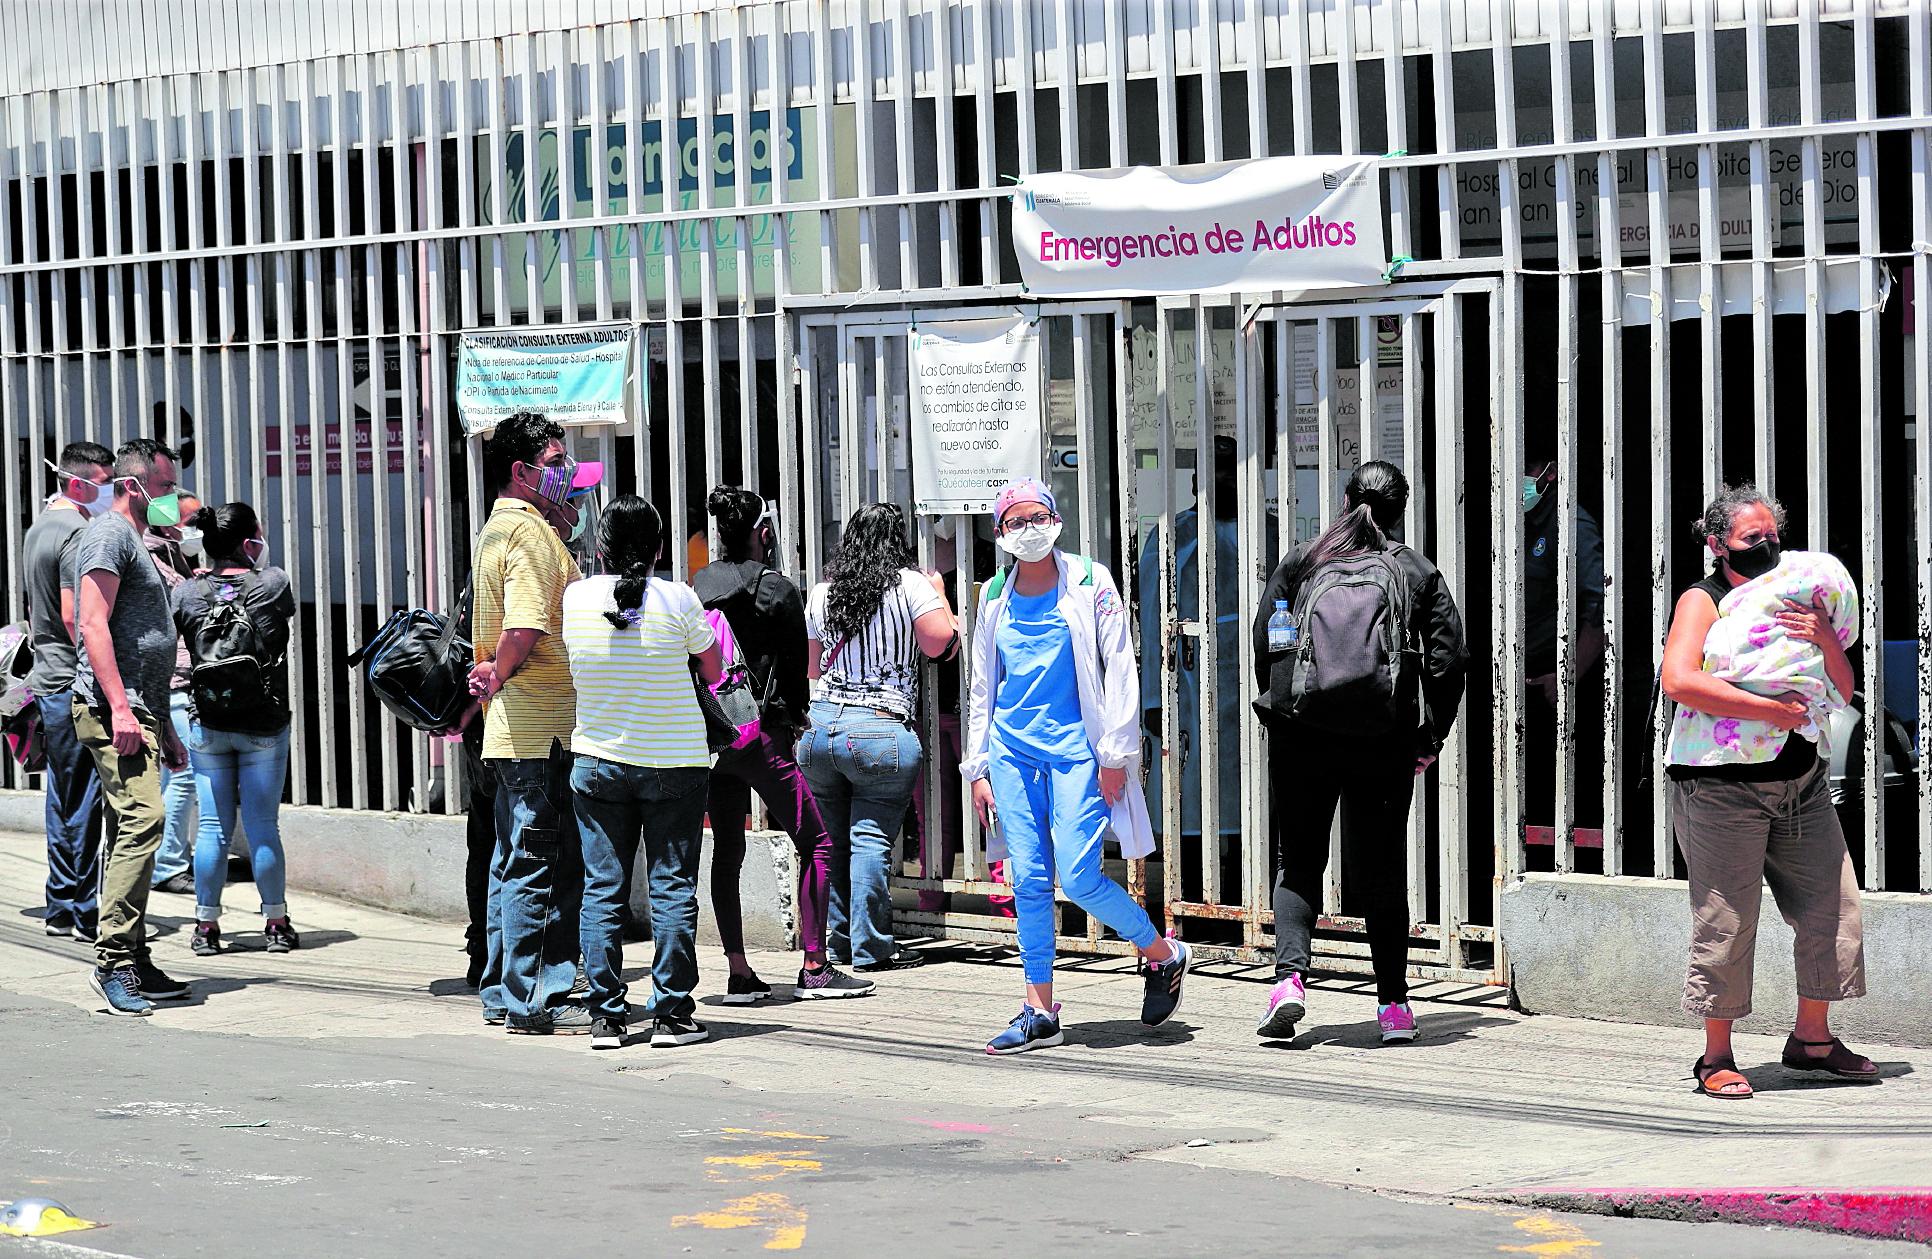 Se abre posibilidad de mayor oferta de medicamentos covid-19 - Prensa Libre